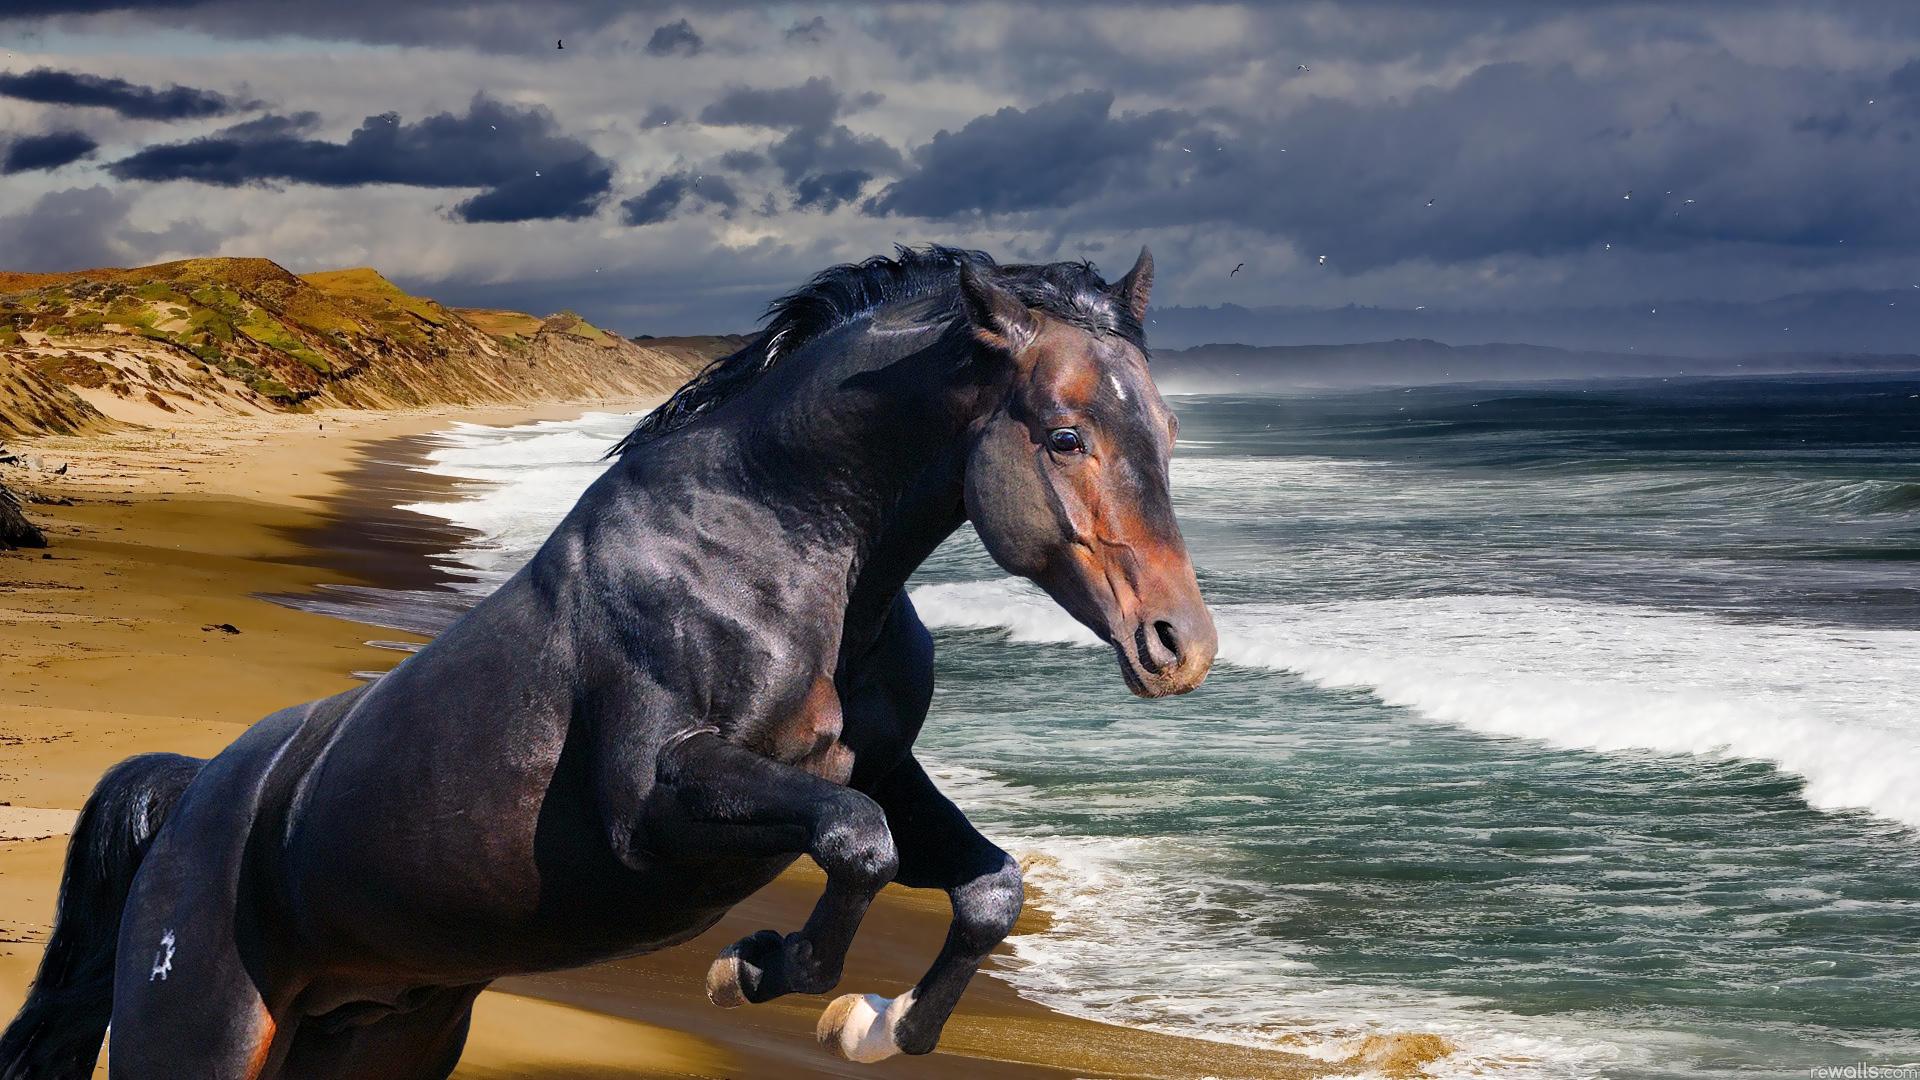 лошадь картинки большого разрешения гребню